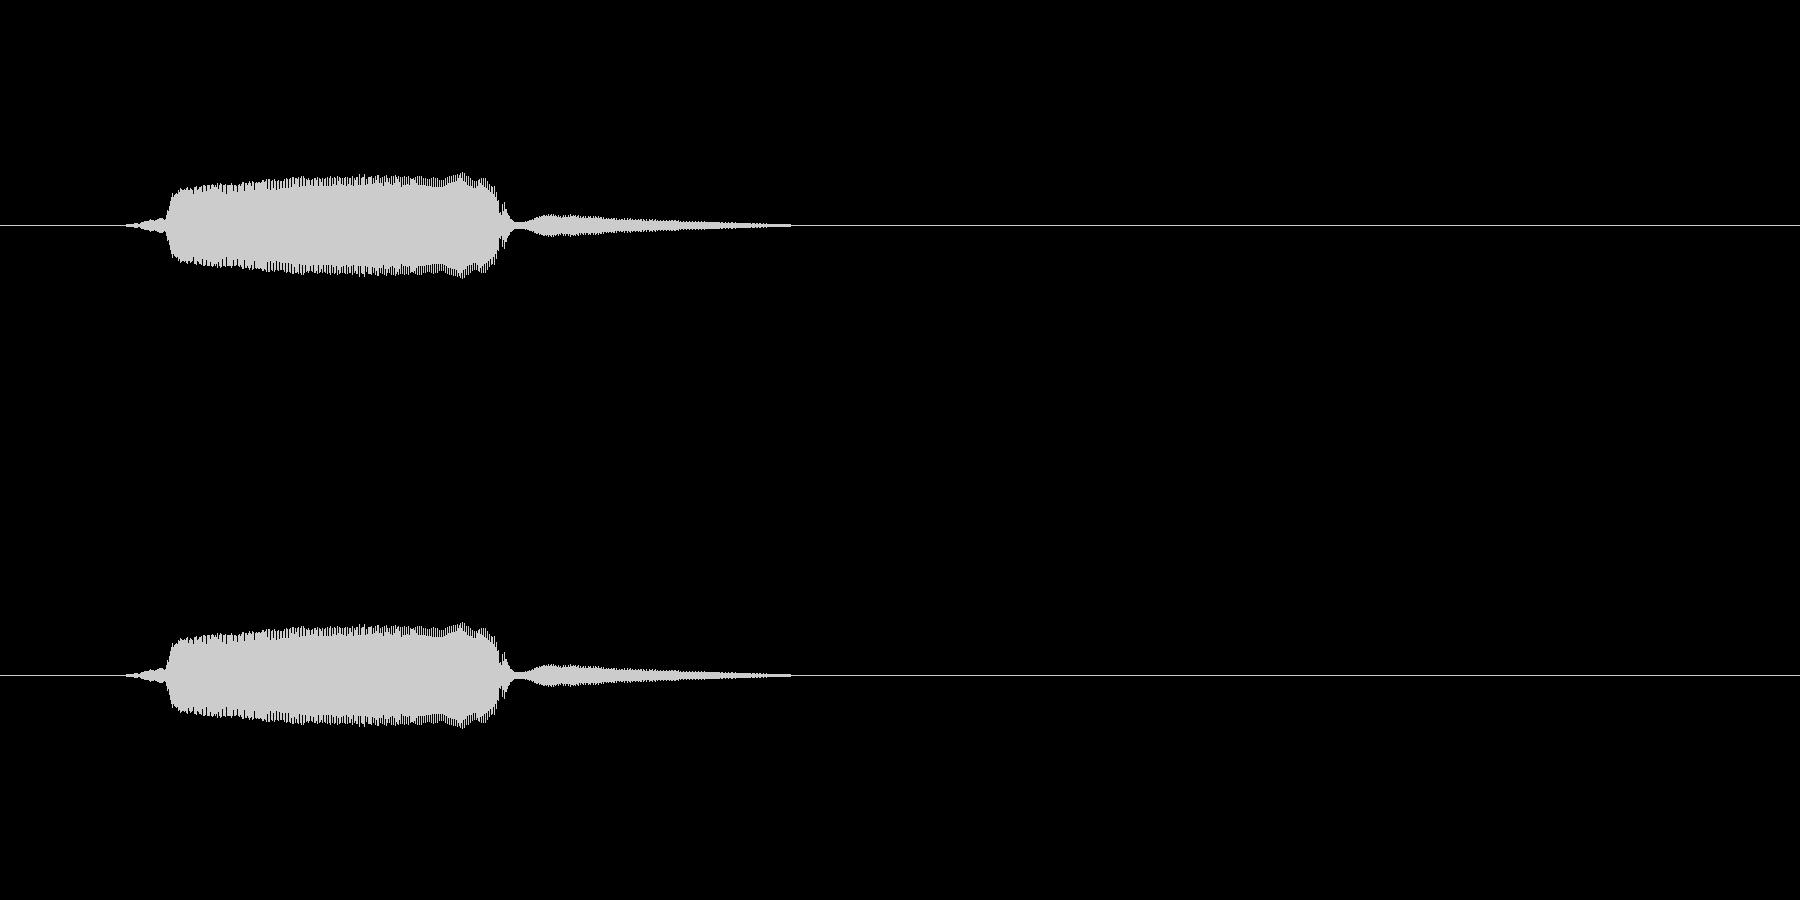 ひゅーん(落下音、かなり短め)の未再生の波形